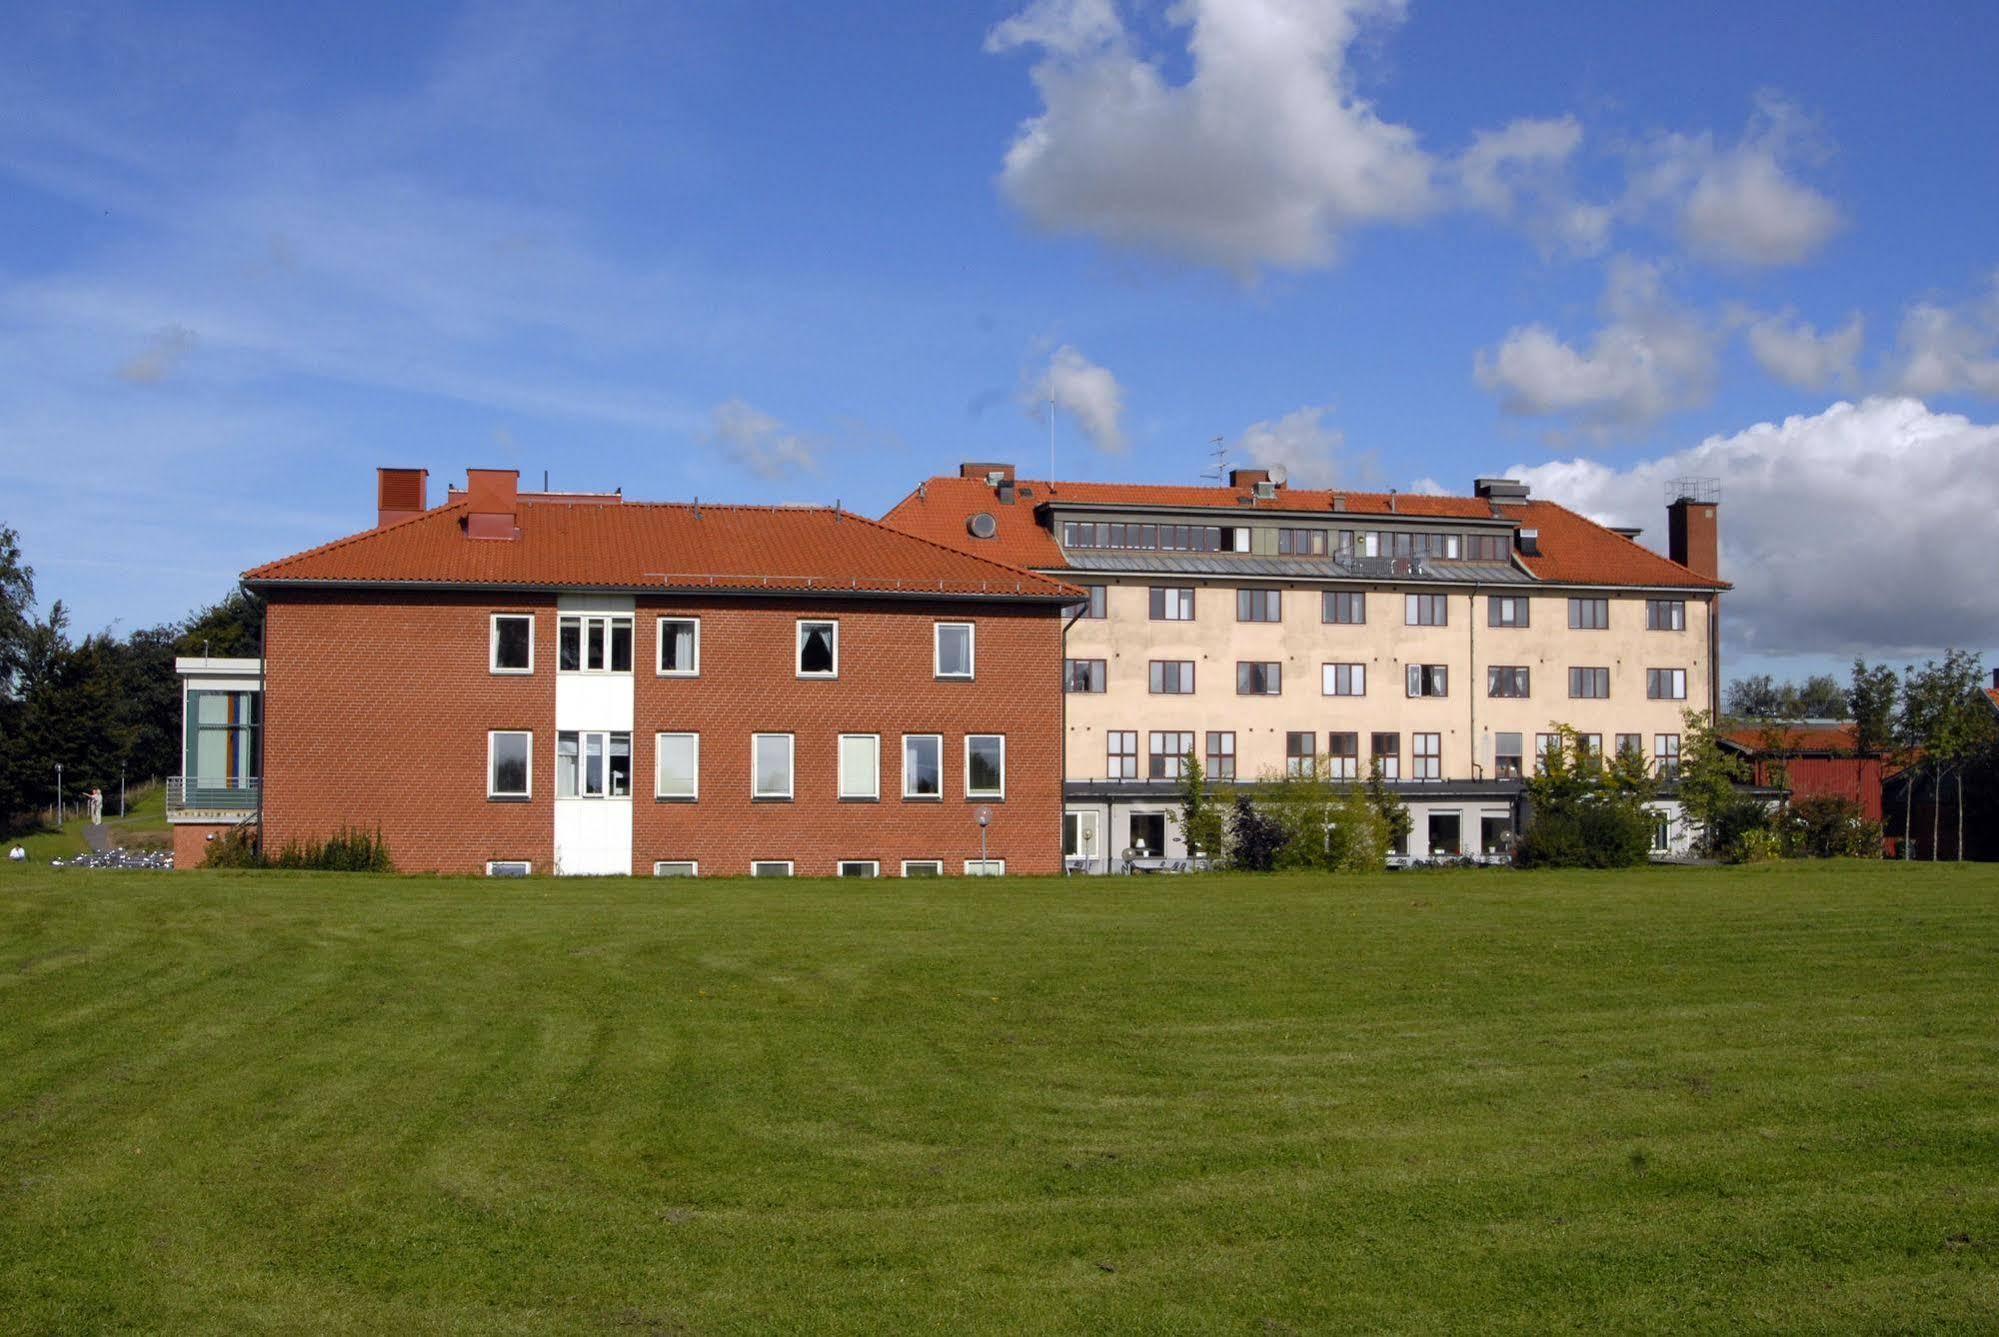 Sundsgården konferens helsingborg